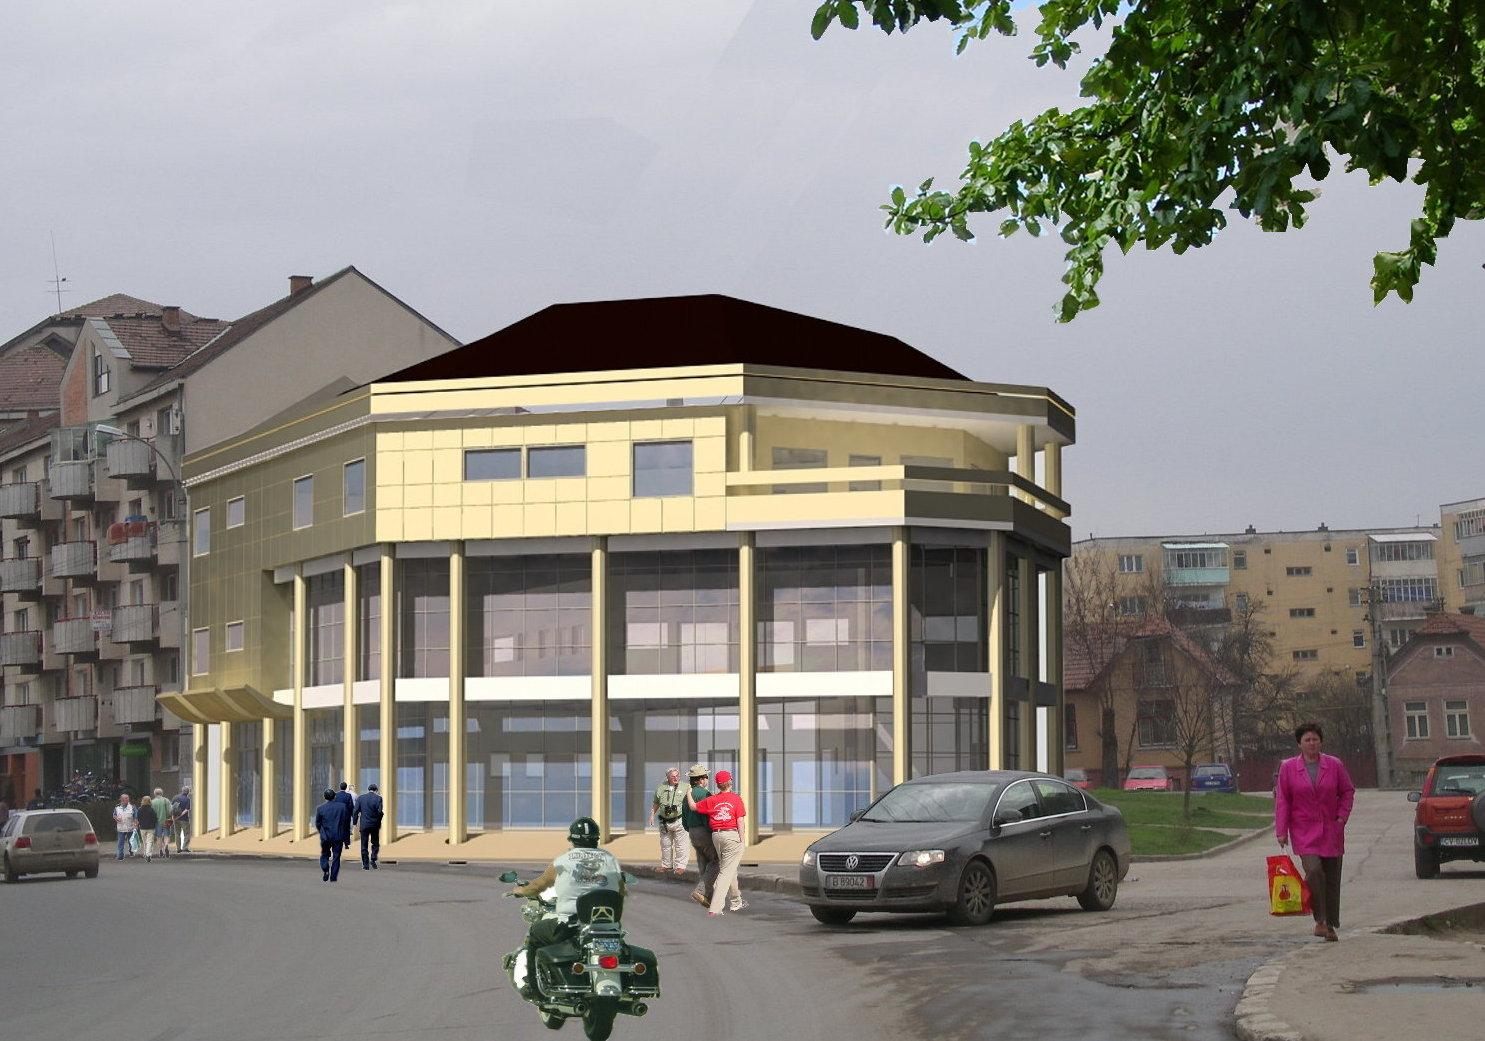 Cladiri administrative si bancare in Sfantu Gheorghe  - Poza 41